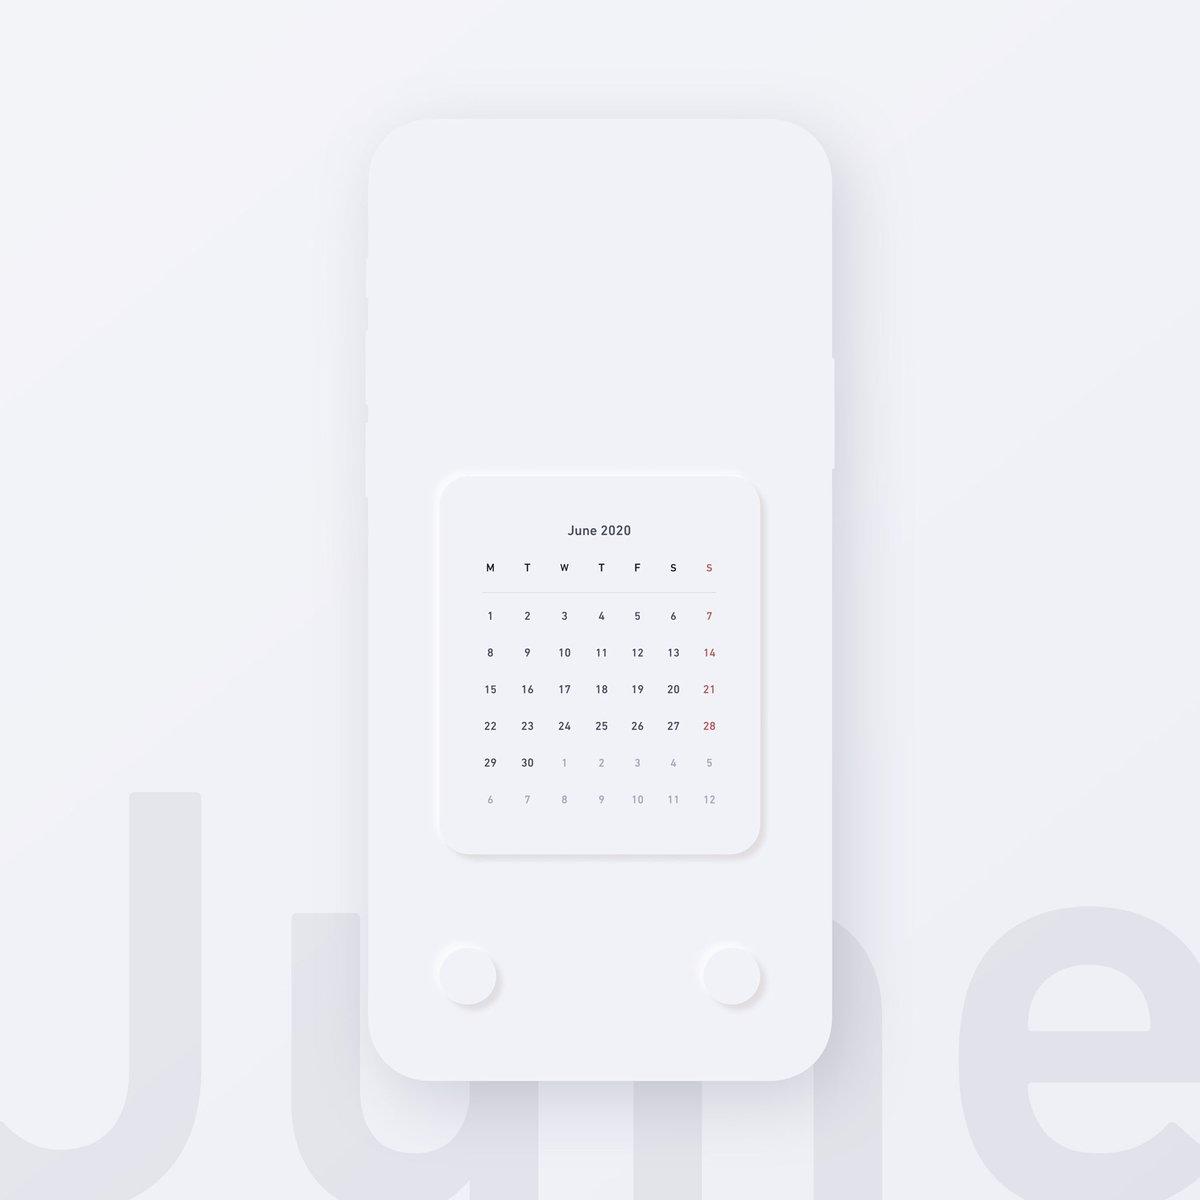 アコード 作成者 花束 Iphone Se 壁紙 シンプル Worldsite Jp